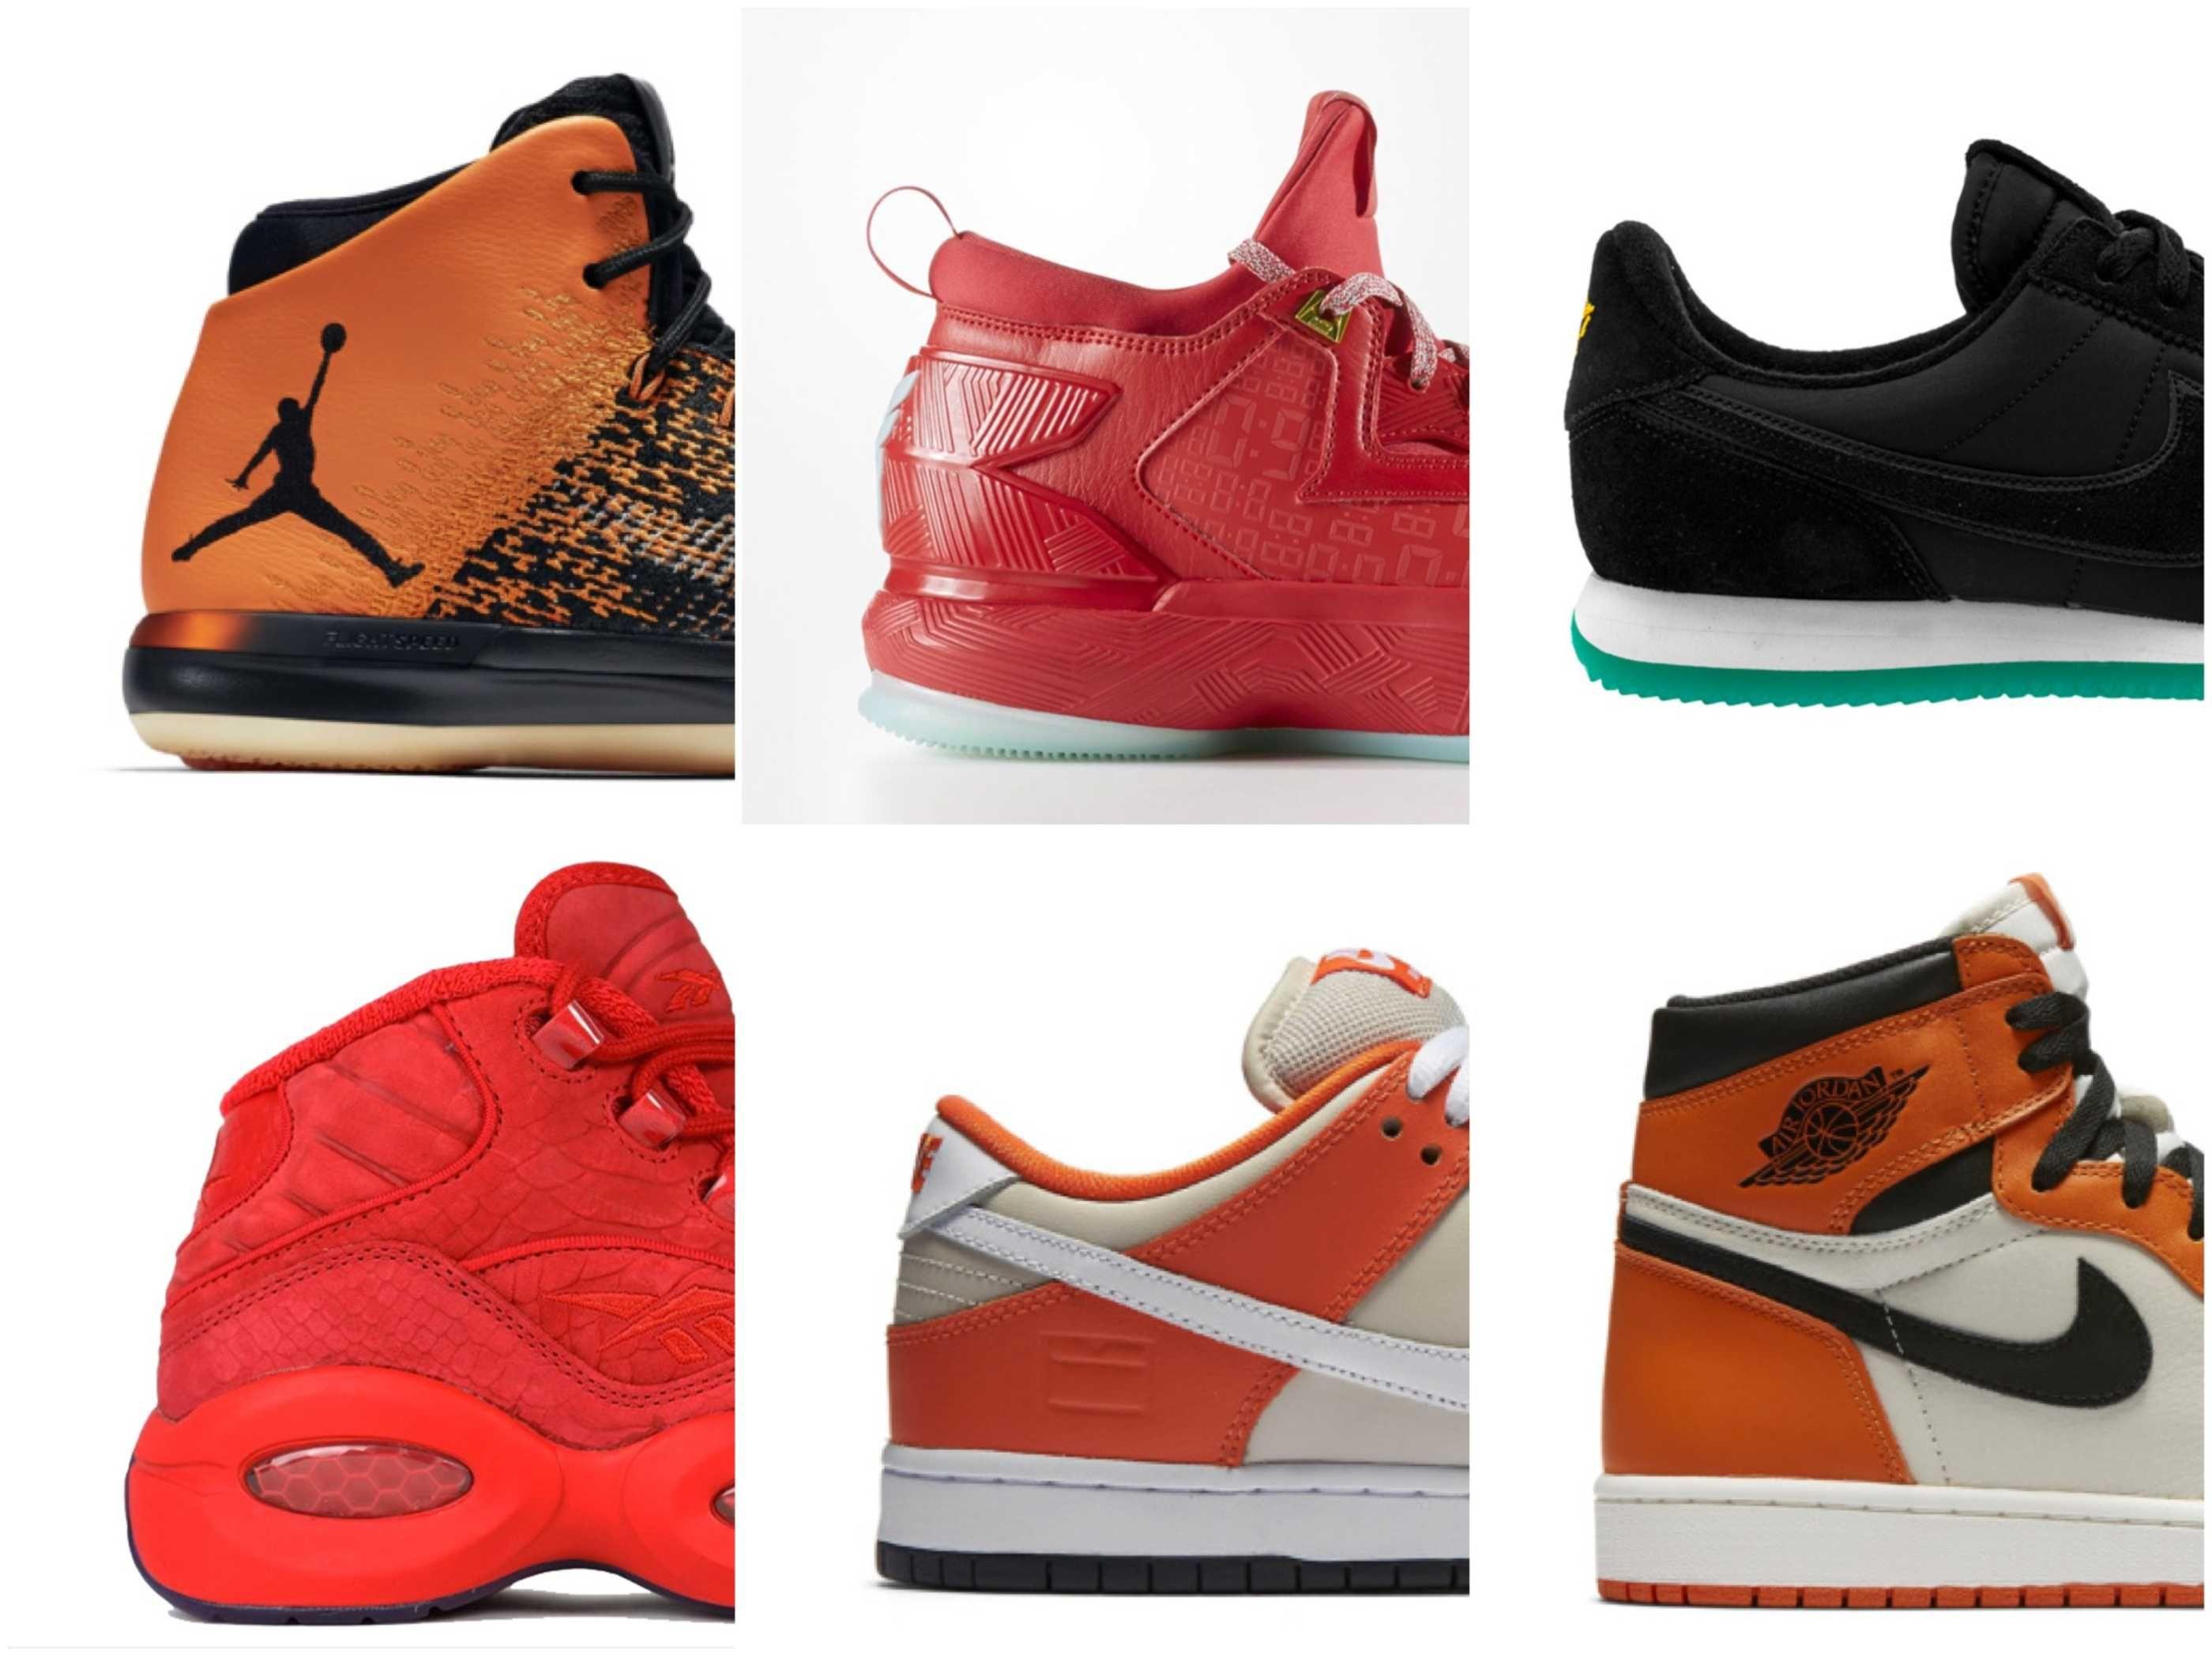 858ec9436 Weekend Sneaker Releases  October 7